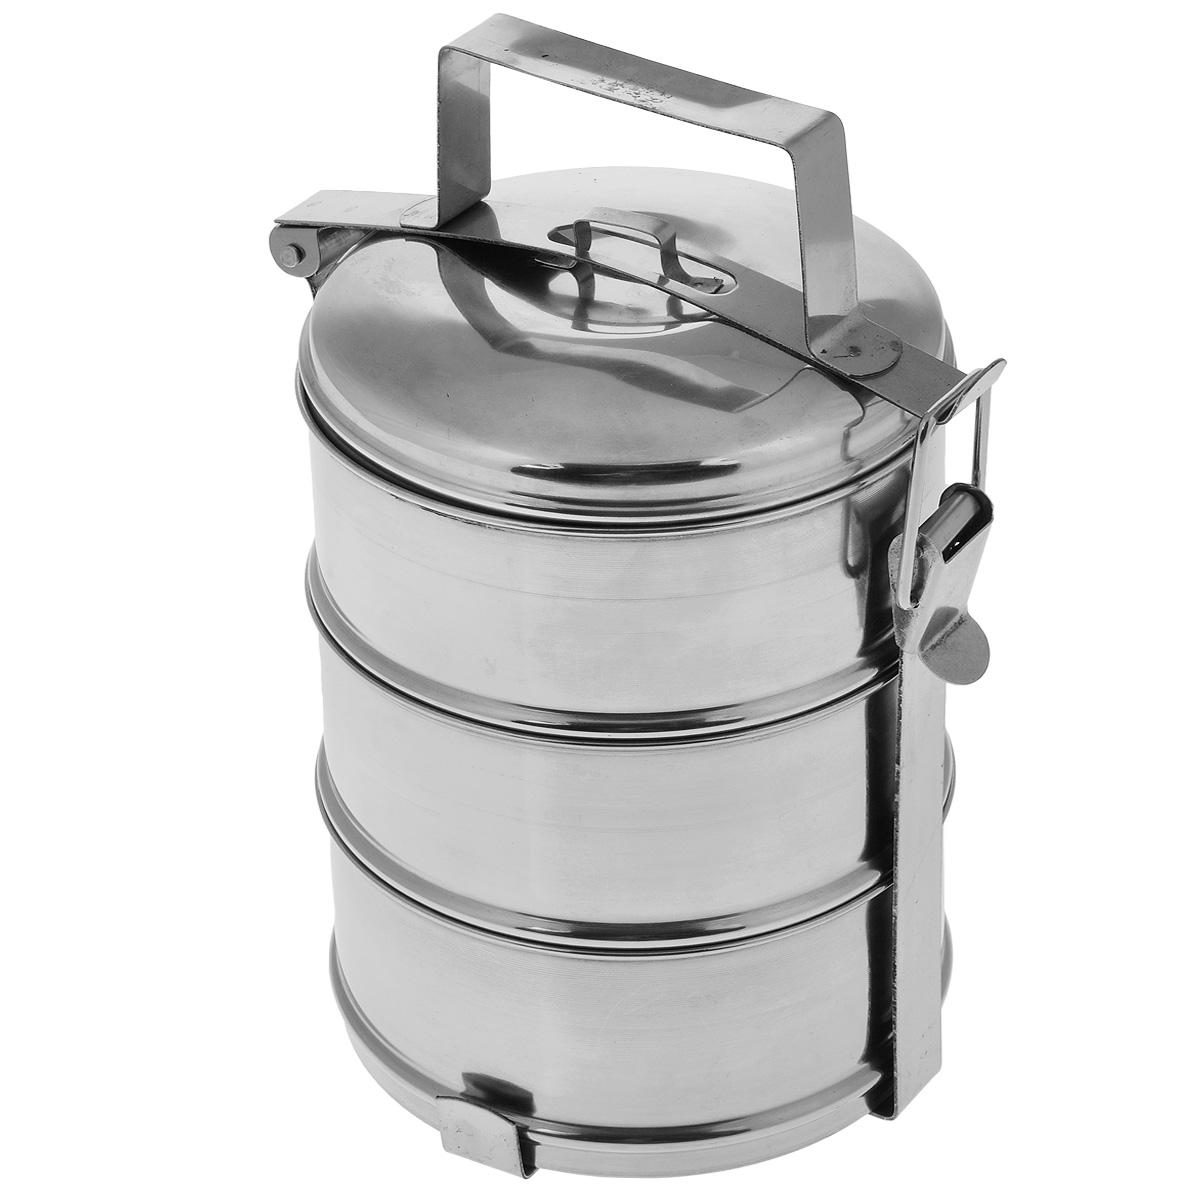 Ланч-бокс Padia, 16 х 27 см, 3 контейнера6800-02Ланч-бокс Padia станет незаменимой вещью для офисных работников, водителей, путешественников и туристов. Изделие представляет собой 3 круглых контейнера, изготовленных из нержавеющей стали и предназначенных для переноски и хранения пищевых продуктов. Для удобства и компактности контейнеры вставляются один в другой и закрываются сверху крышкой. Ланч-бокс оснащен механизмом, благодаря которому все контейнеры фиксируются в одном положении и во время транспортировки не падают. Такой ланч-бокс идеален для пикников и путешествий. Вы можете носить в нем обеды и завтраки, супы, закуски, фрукты, овощи и другое. Размер одного контейнера: 16 см х 16 см х 7 см. Общий размер ланч-бокса (с учетом крышки): 16 см х 16 см х 27 см. Объем одного бокса: 1 литр.